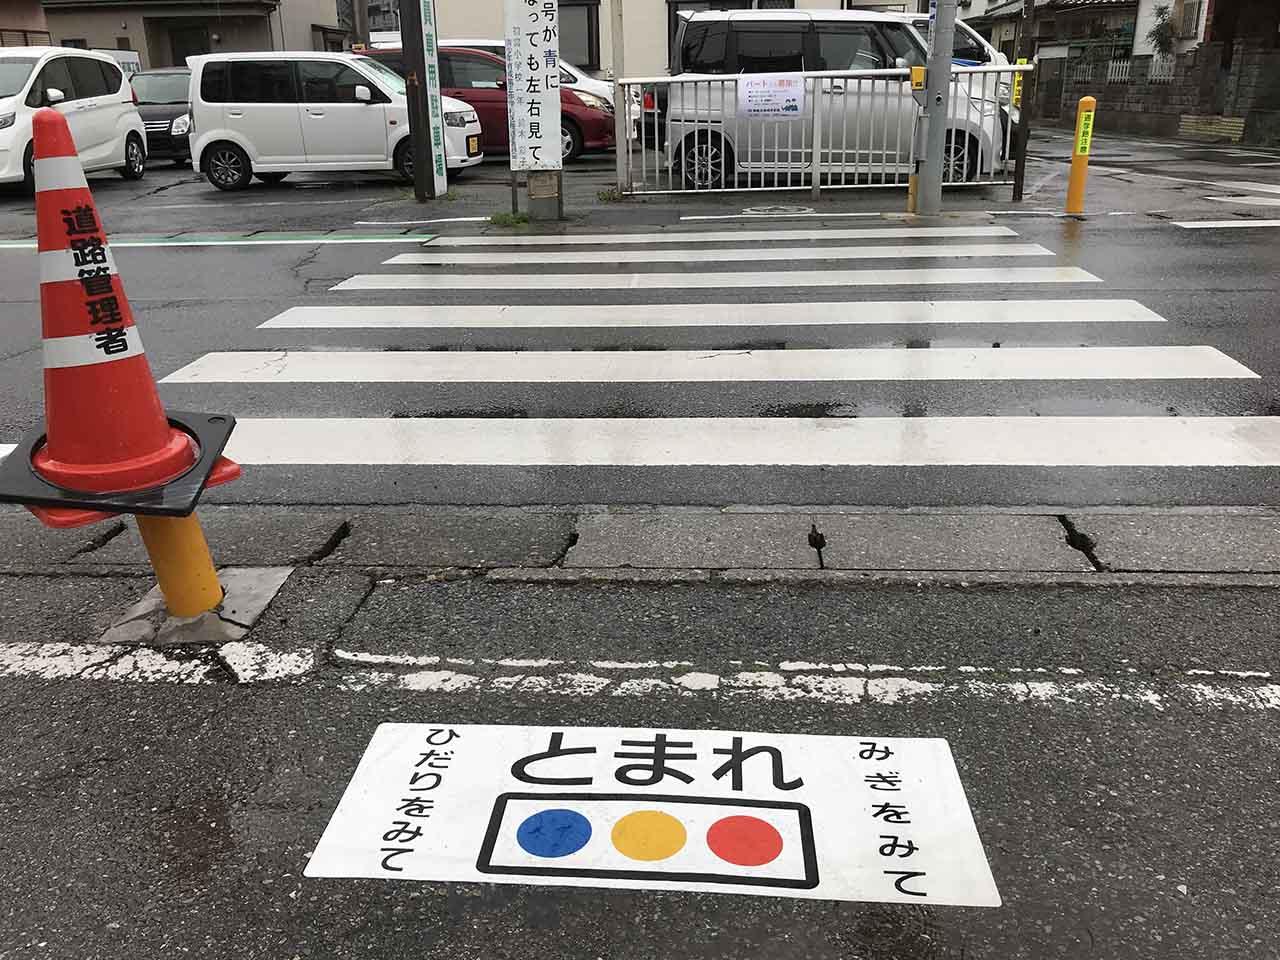 ストップマーク【信号】